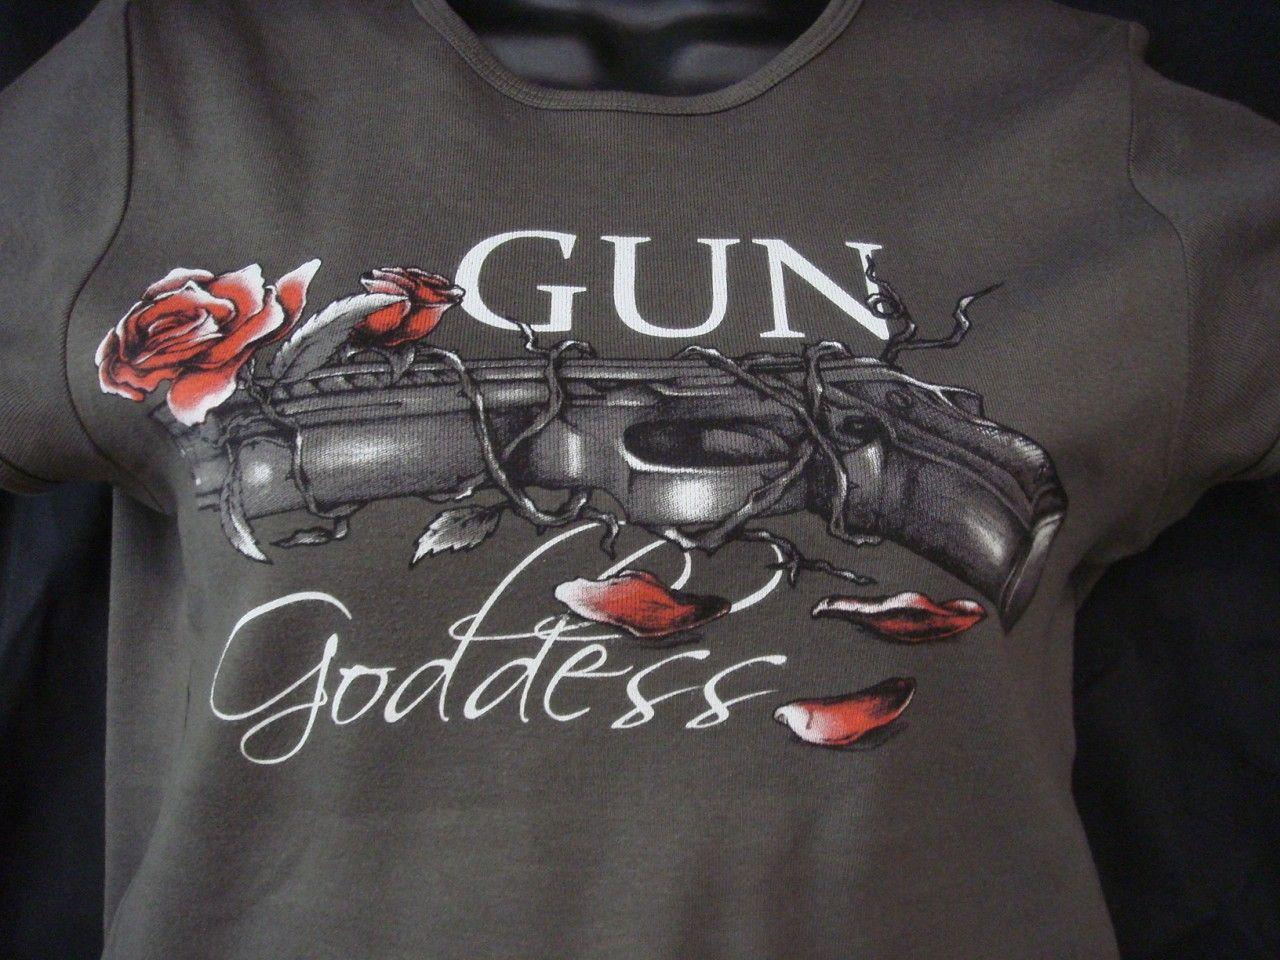 http://www.gungoddess.com/gun-goddess-ladies-t-shirt/